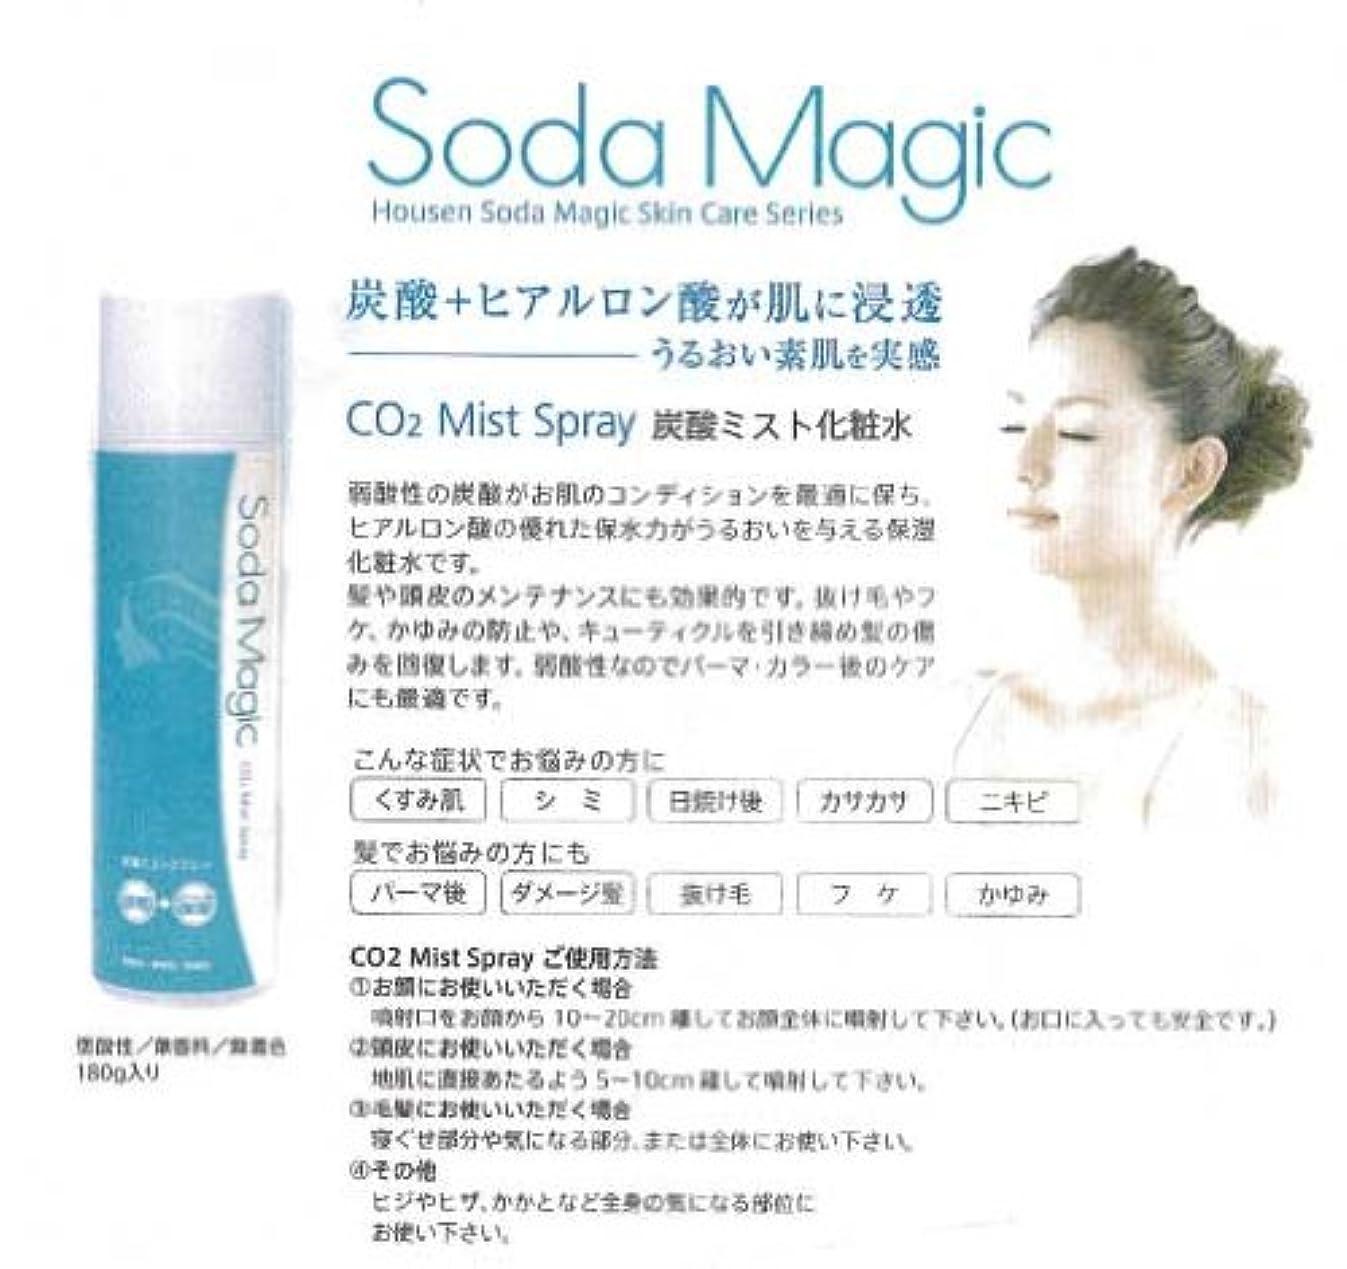 アナウンサー処方忠実なSoda Magic 炭酸ミストスプレー(180g)